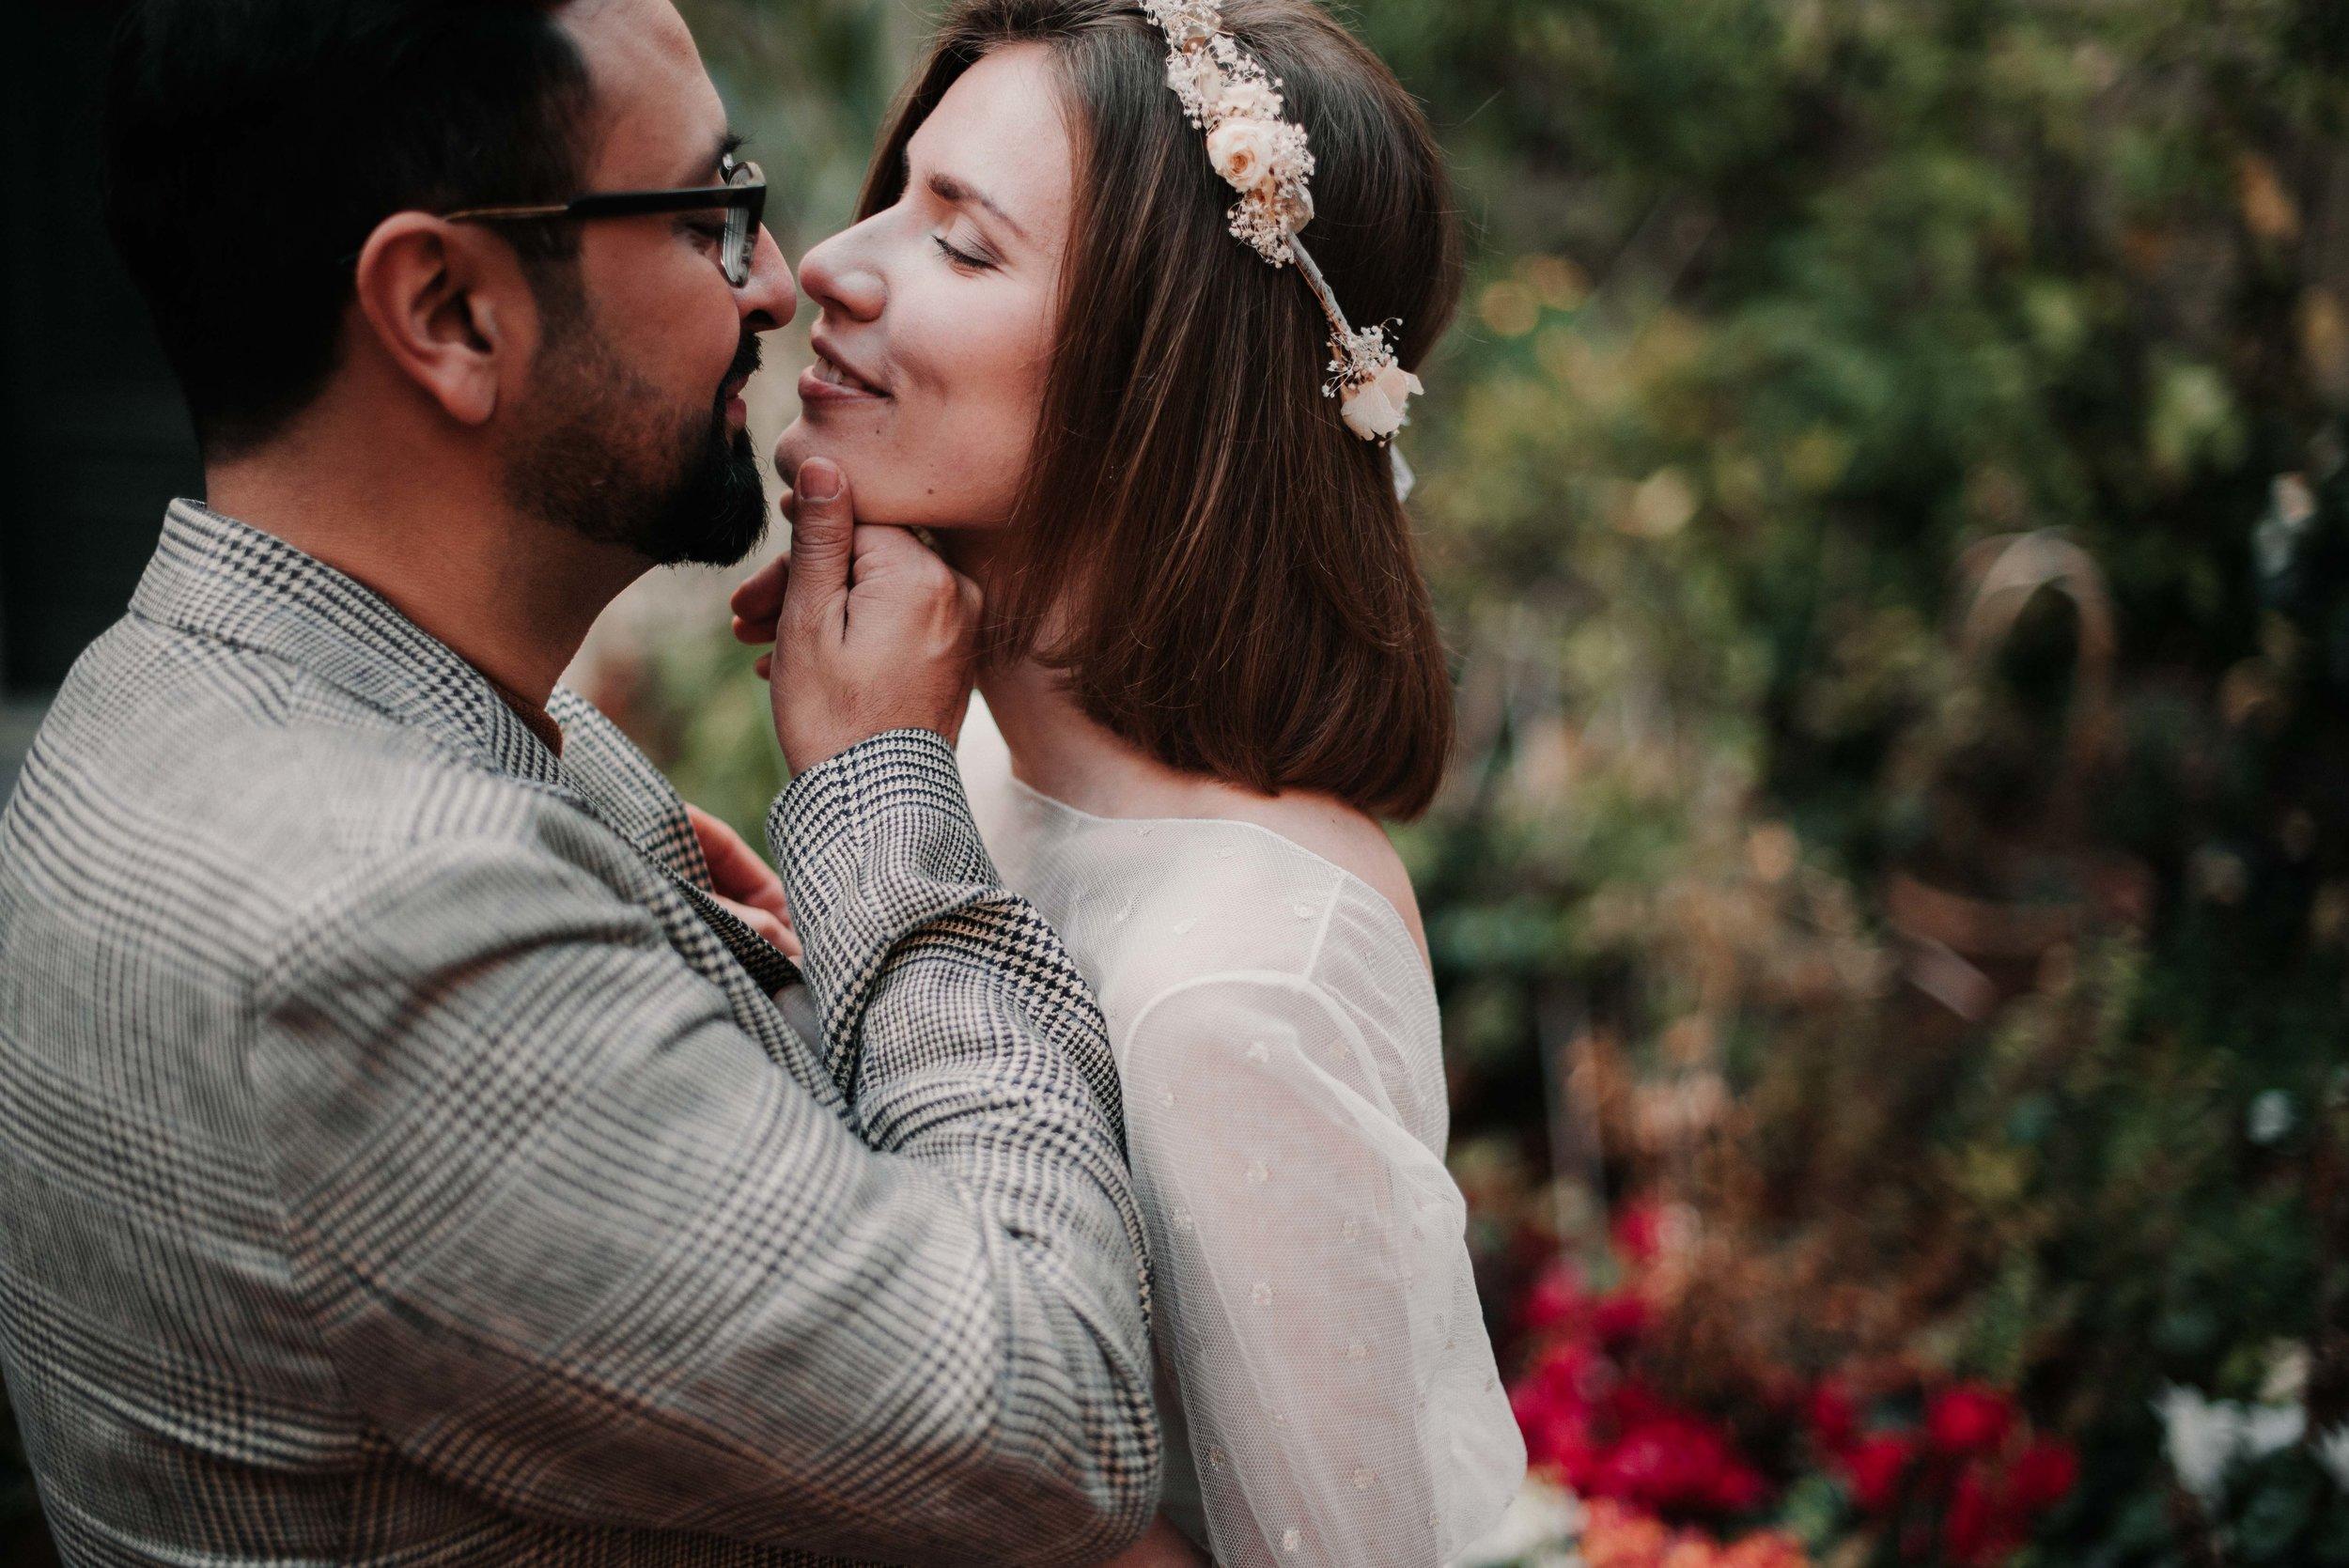 Léa-Fery-photographe-professionnel-lyon-rhone-alpes-portrait-creation-mariage-evenement-evenementiel-famille-4441.jpg